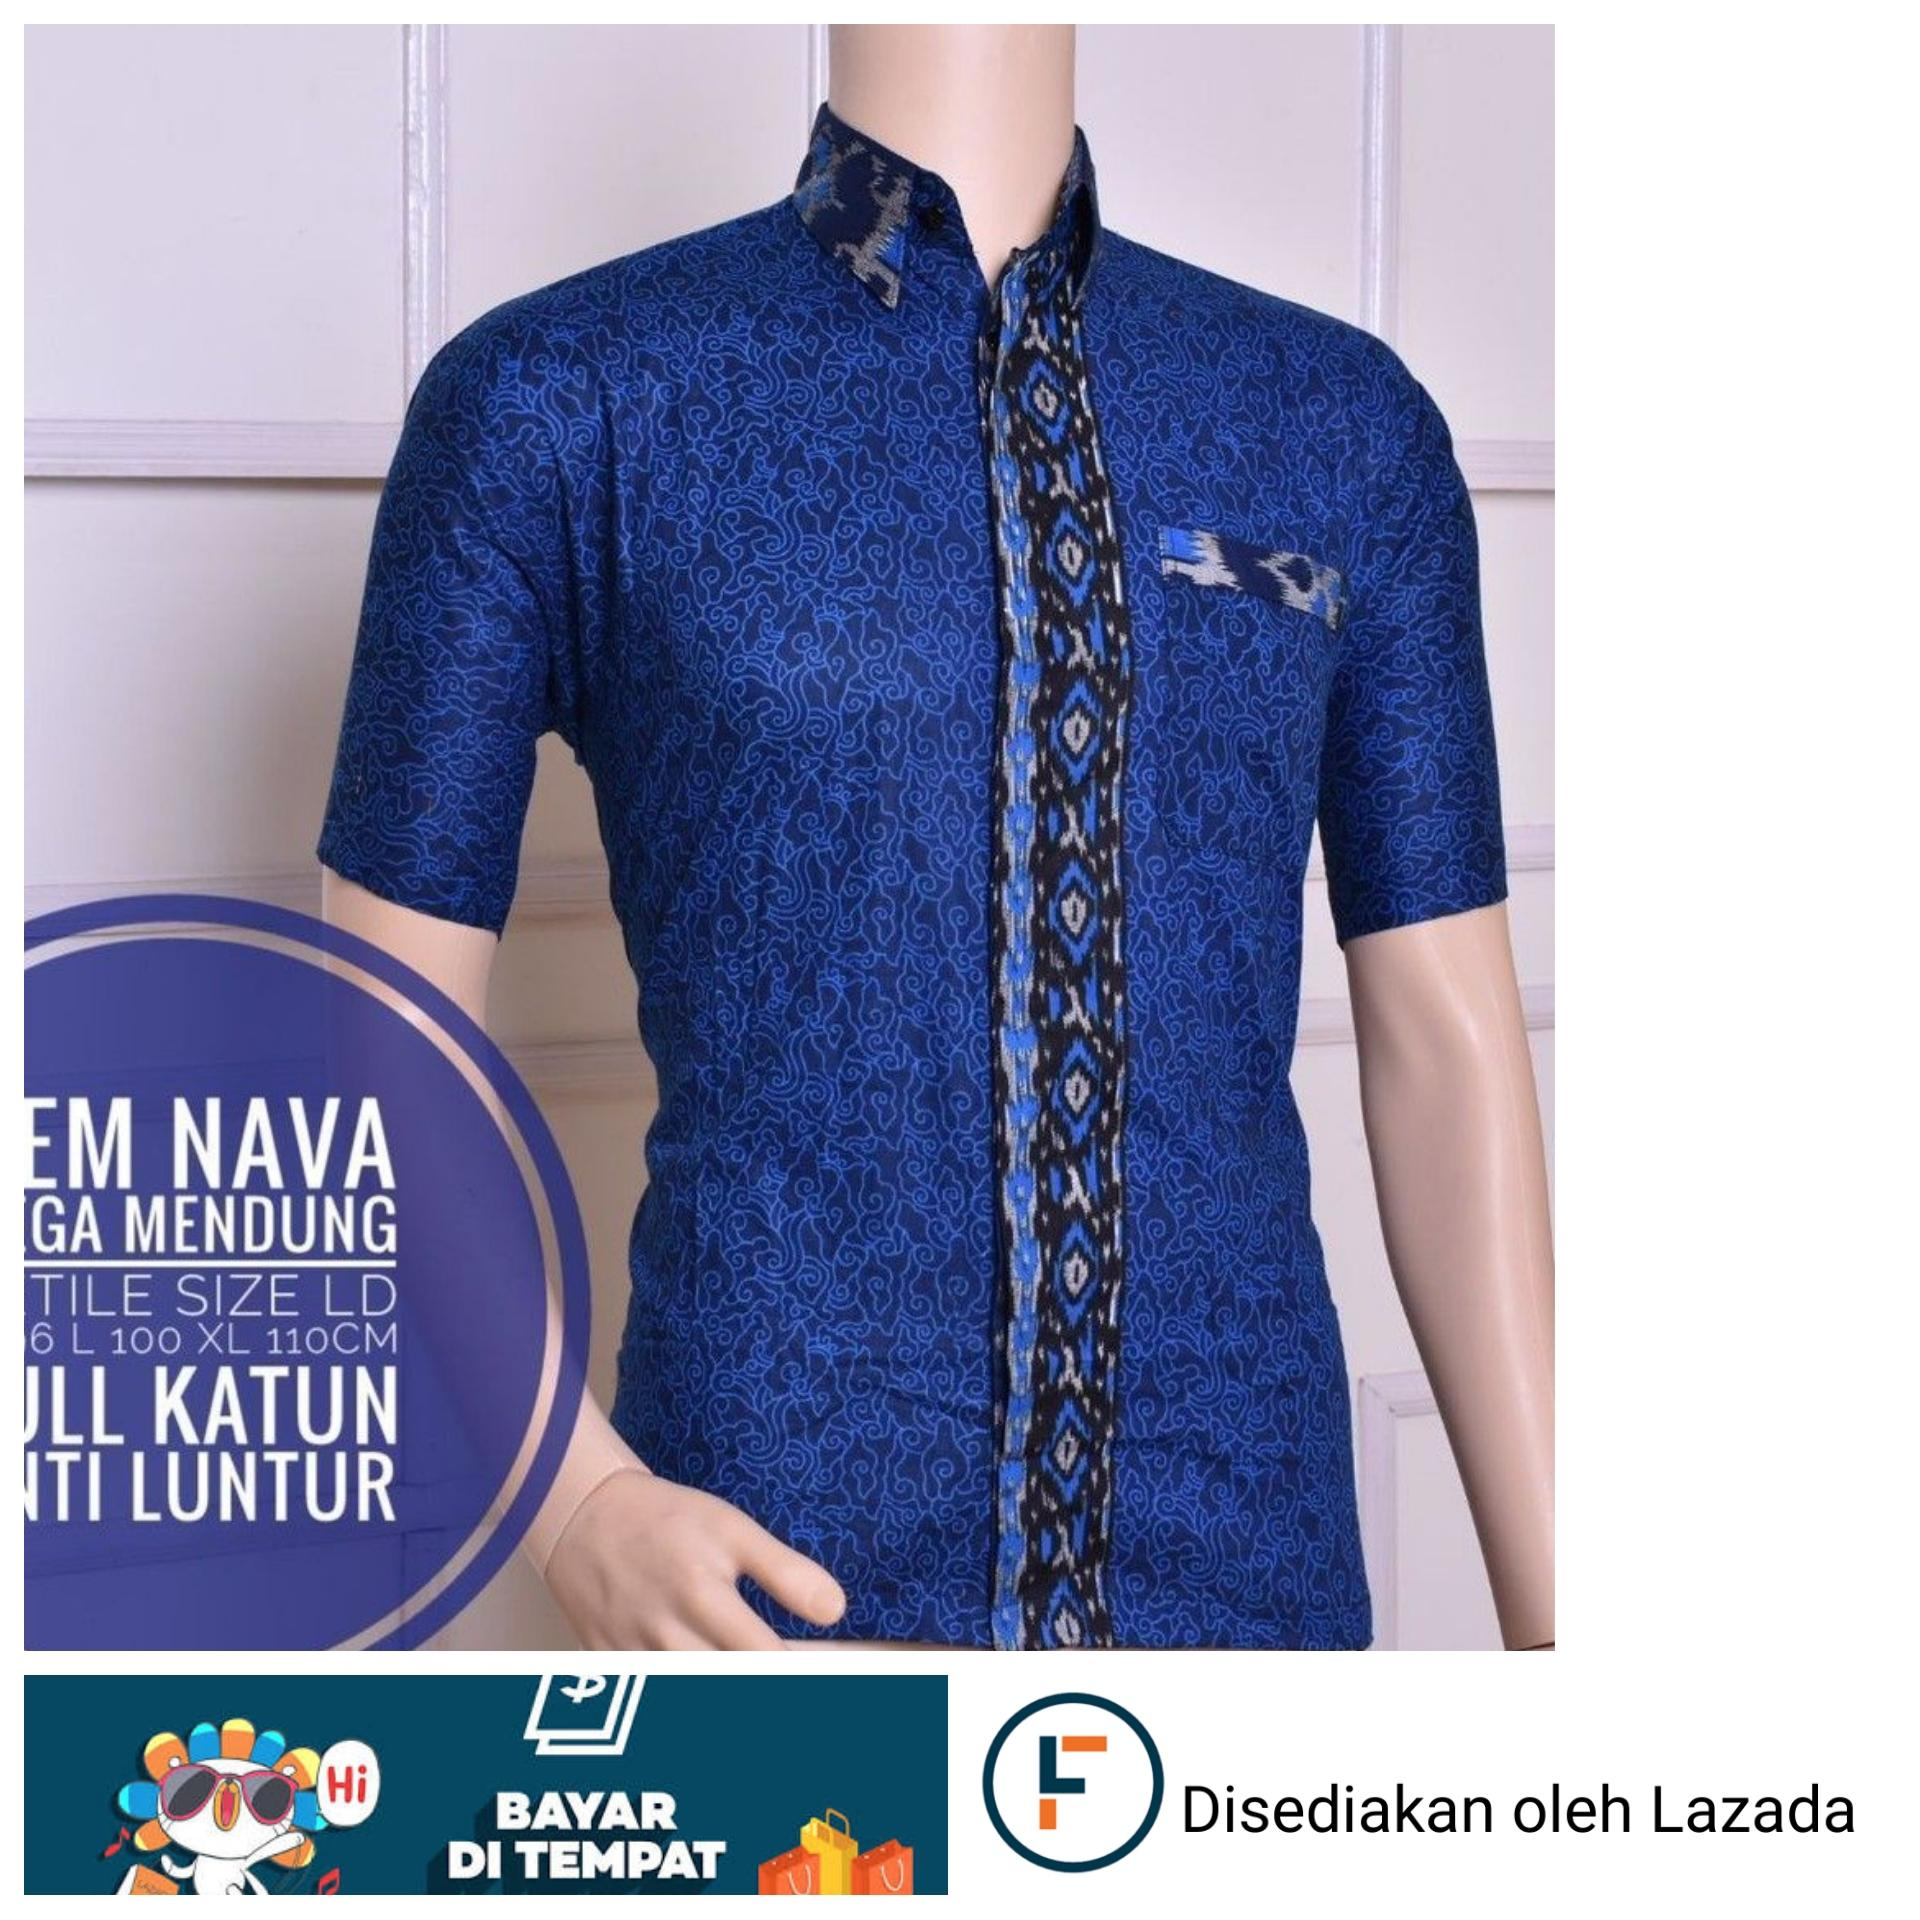 Baju Batik Pria Eksklusif Kemeja Lengan Pendek Modern Motif Jahal Hem Hks001 03 Pekalongan Casual